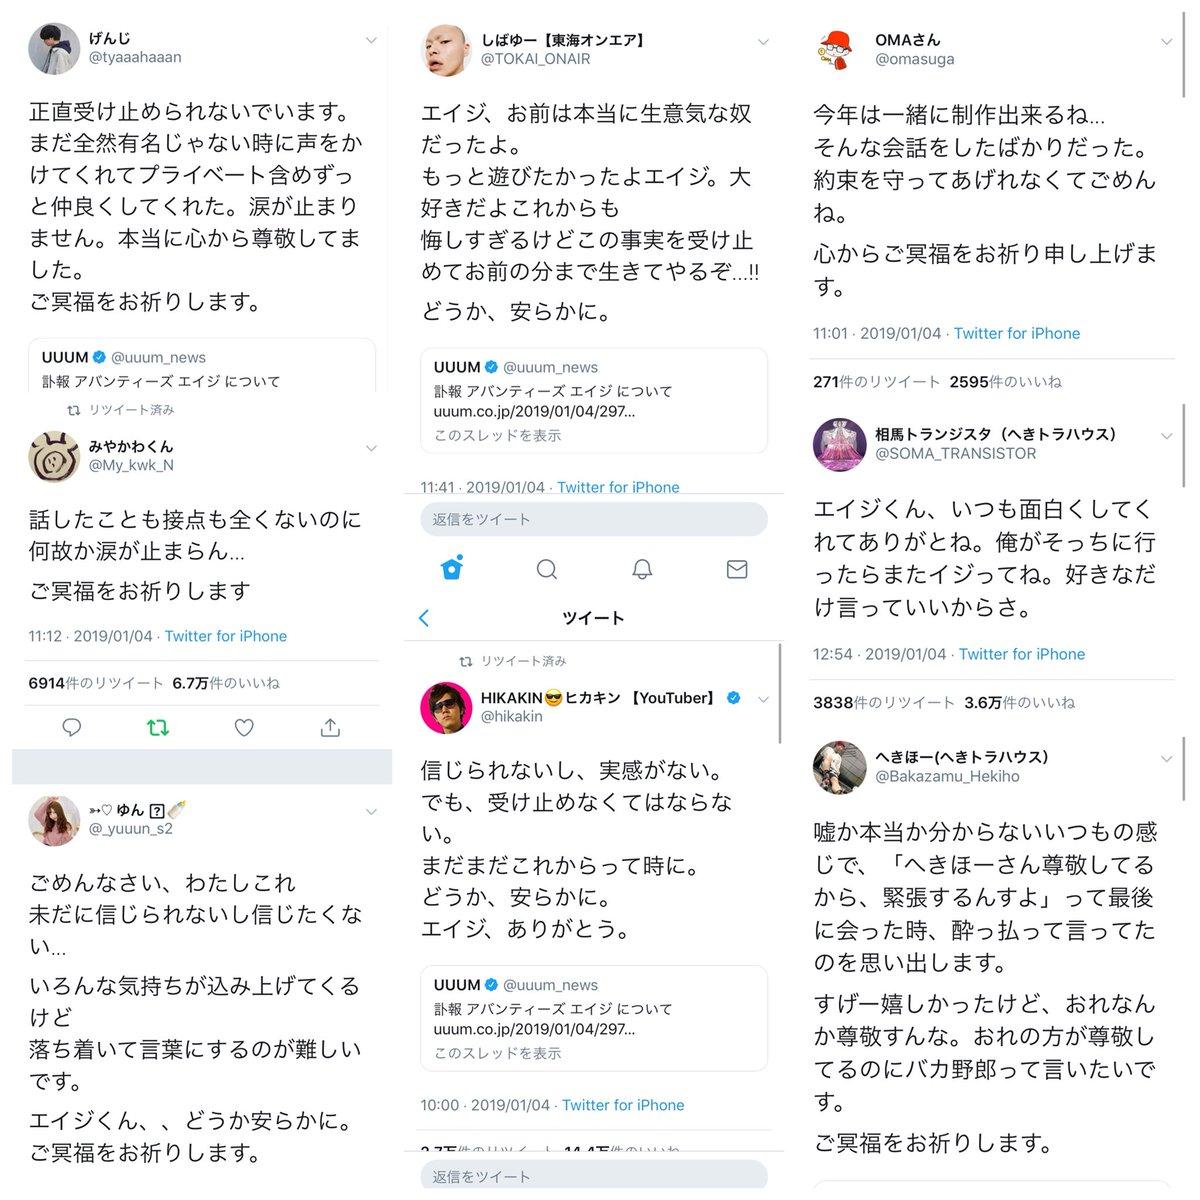 アバンティーズ・エイジ 死去に多くのYouTuberが追悼コメント